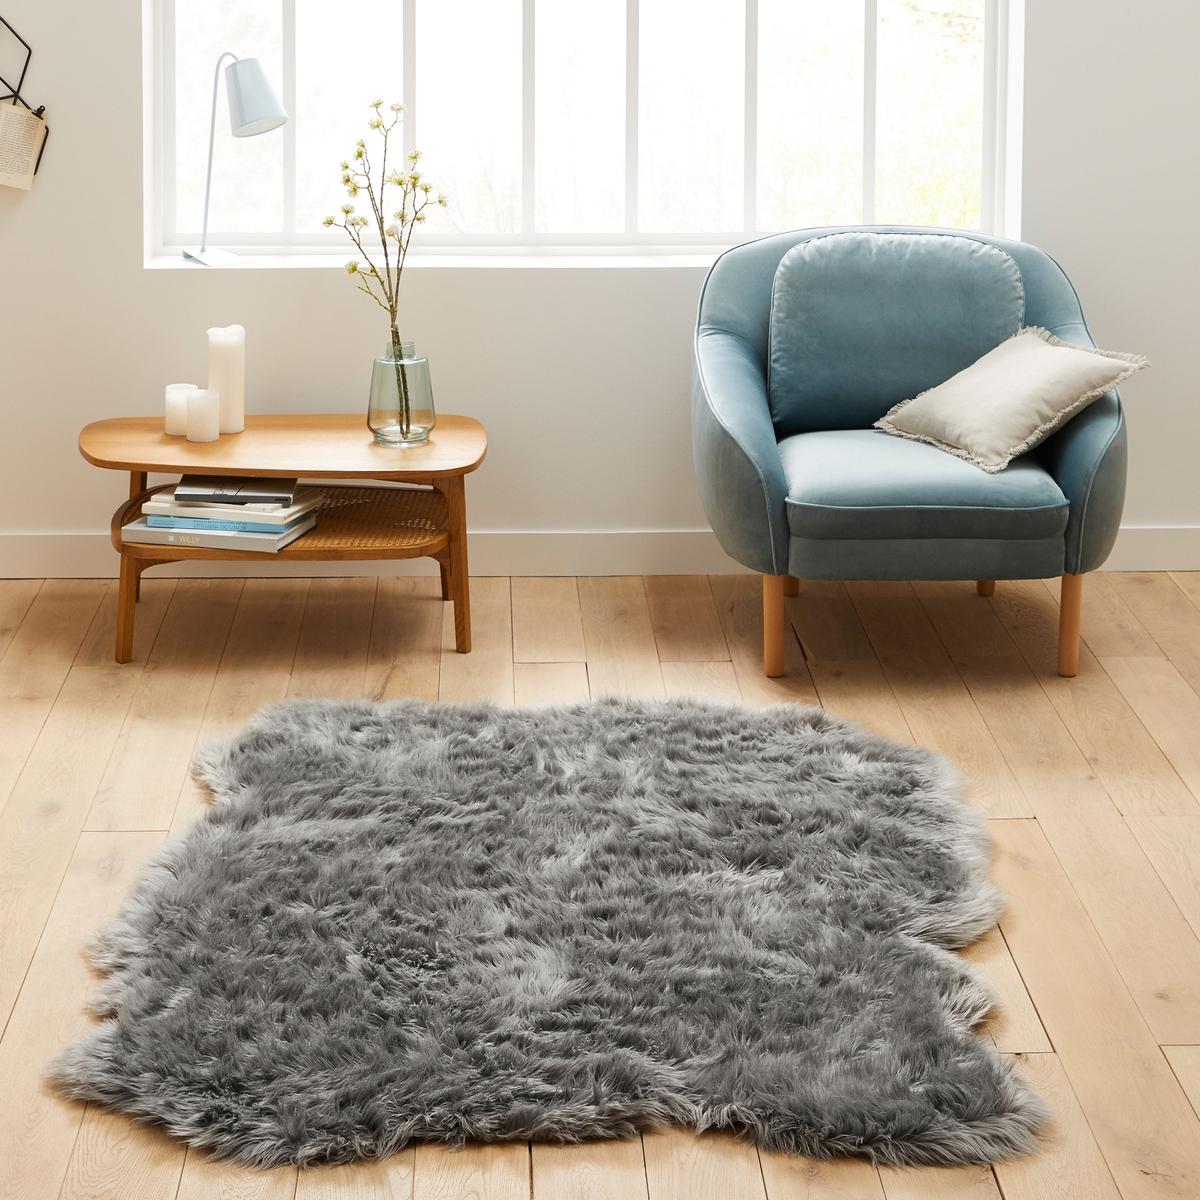 Ковер La Redoute С эффектом овечьей кожи Livio x см 135 x 190 см серый кровать la redoute douv 140 x 190 см серый